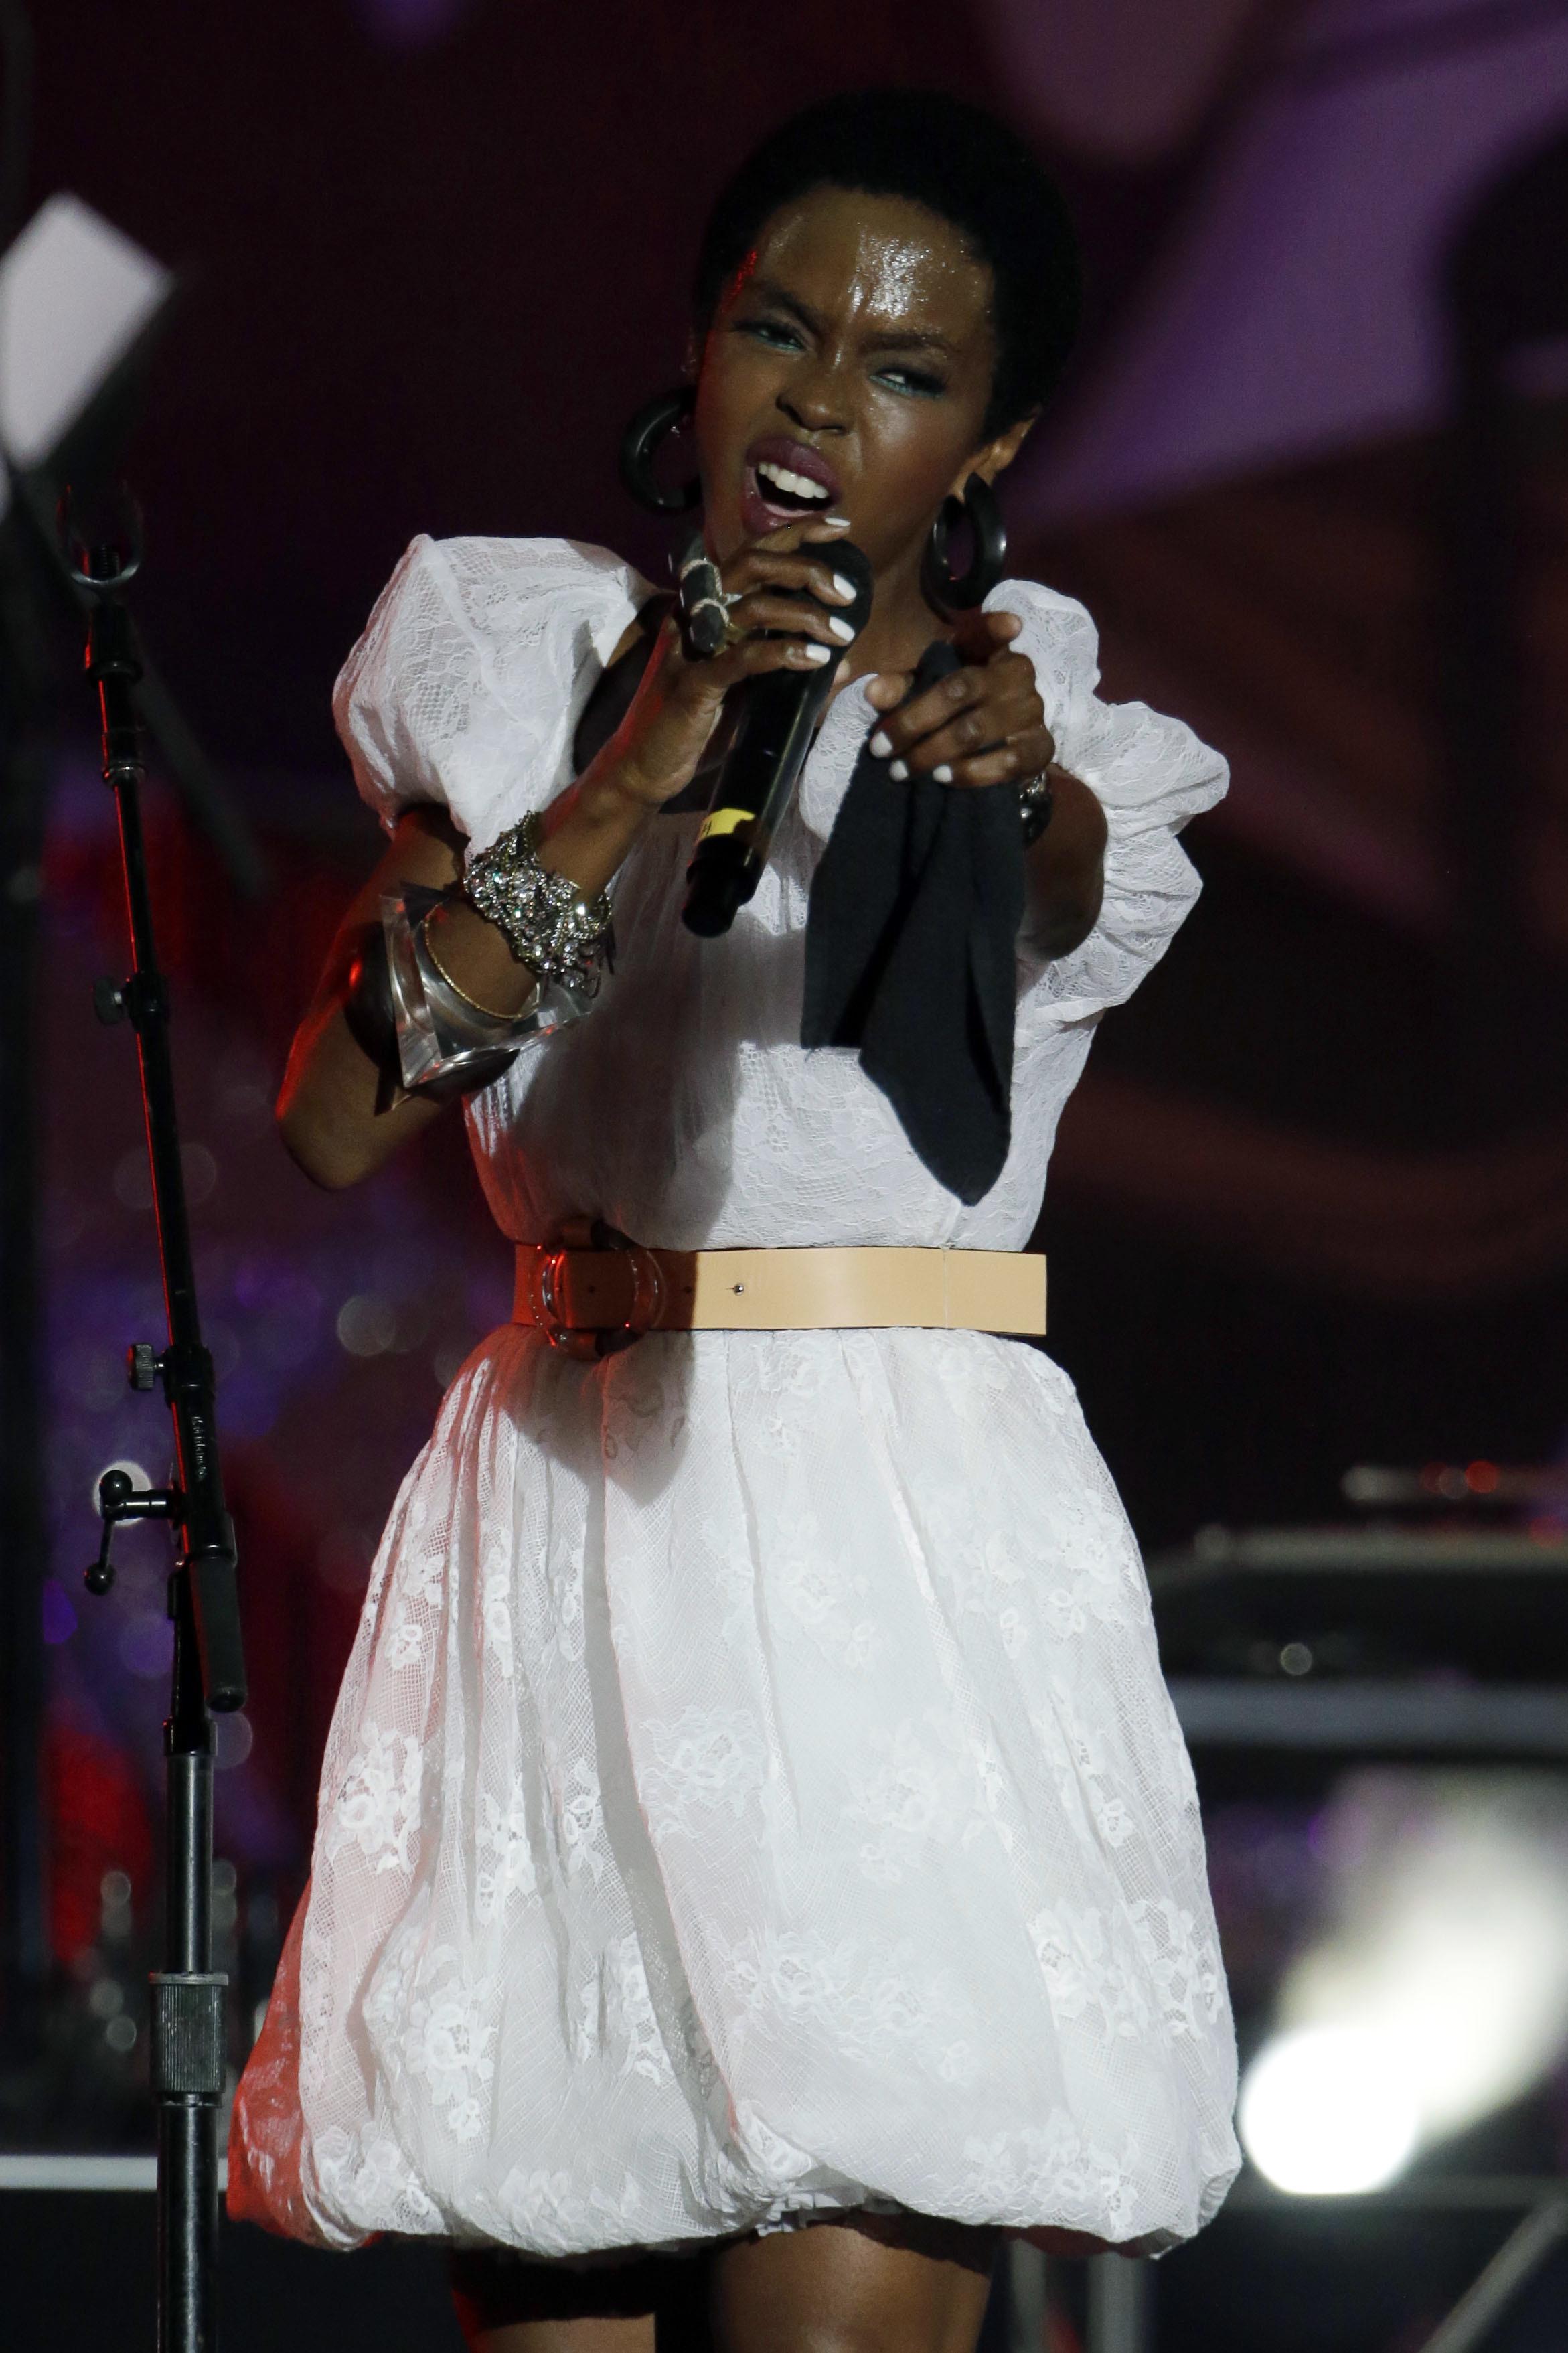 4. Lauryn Hill